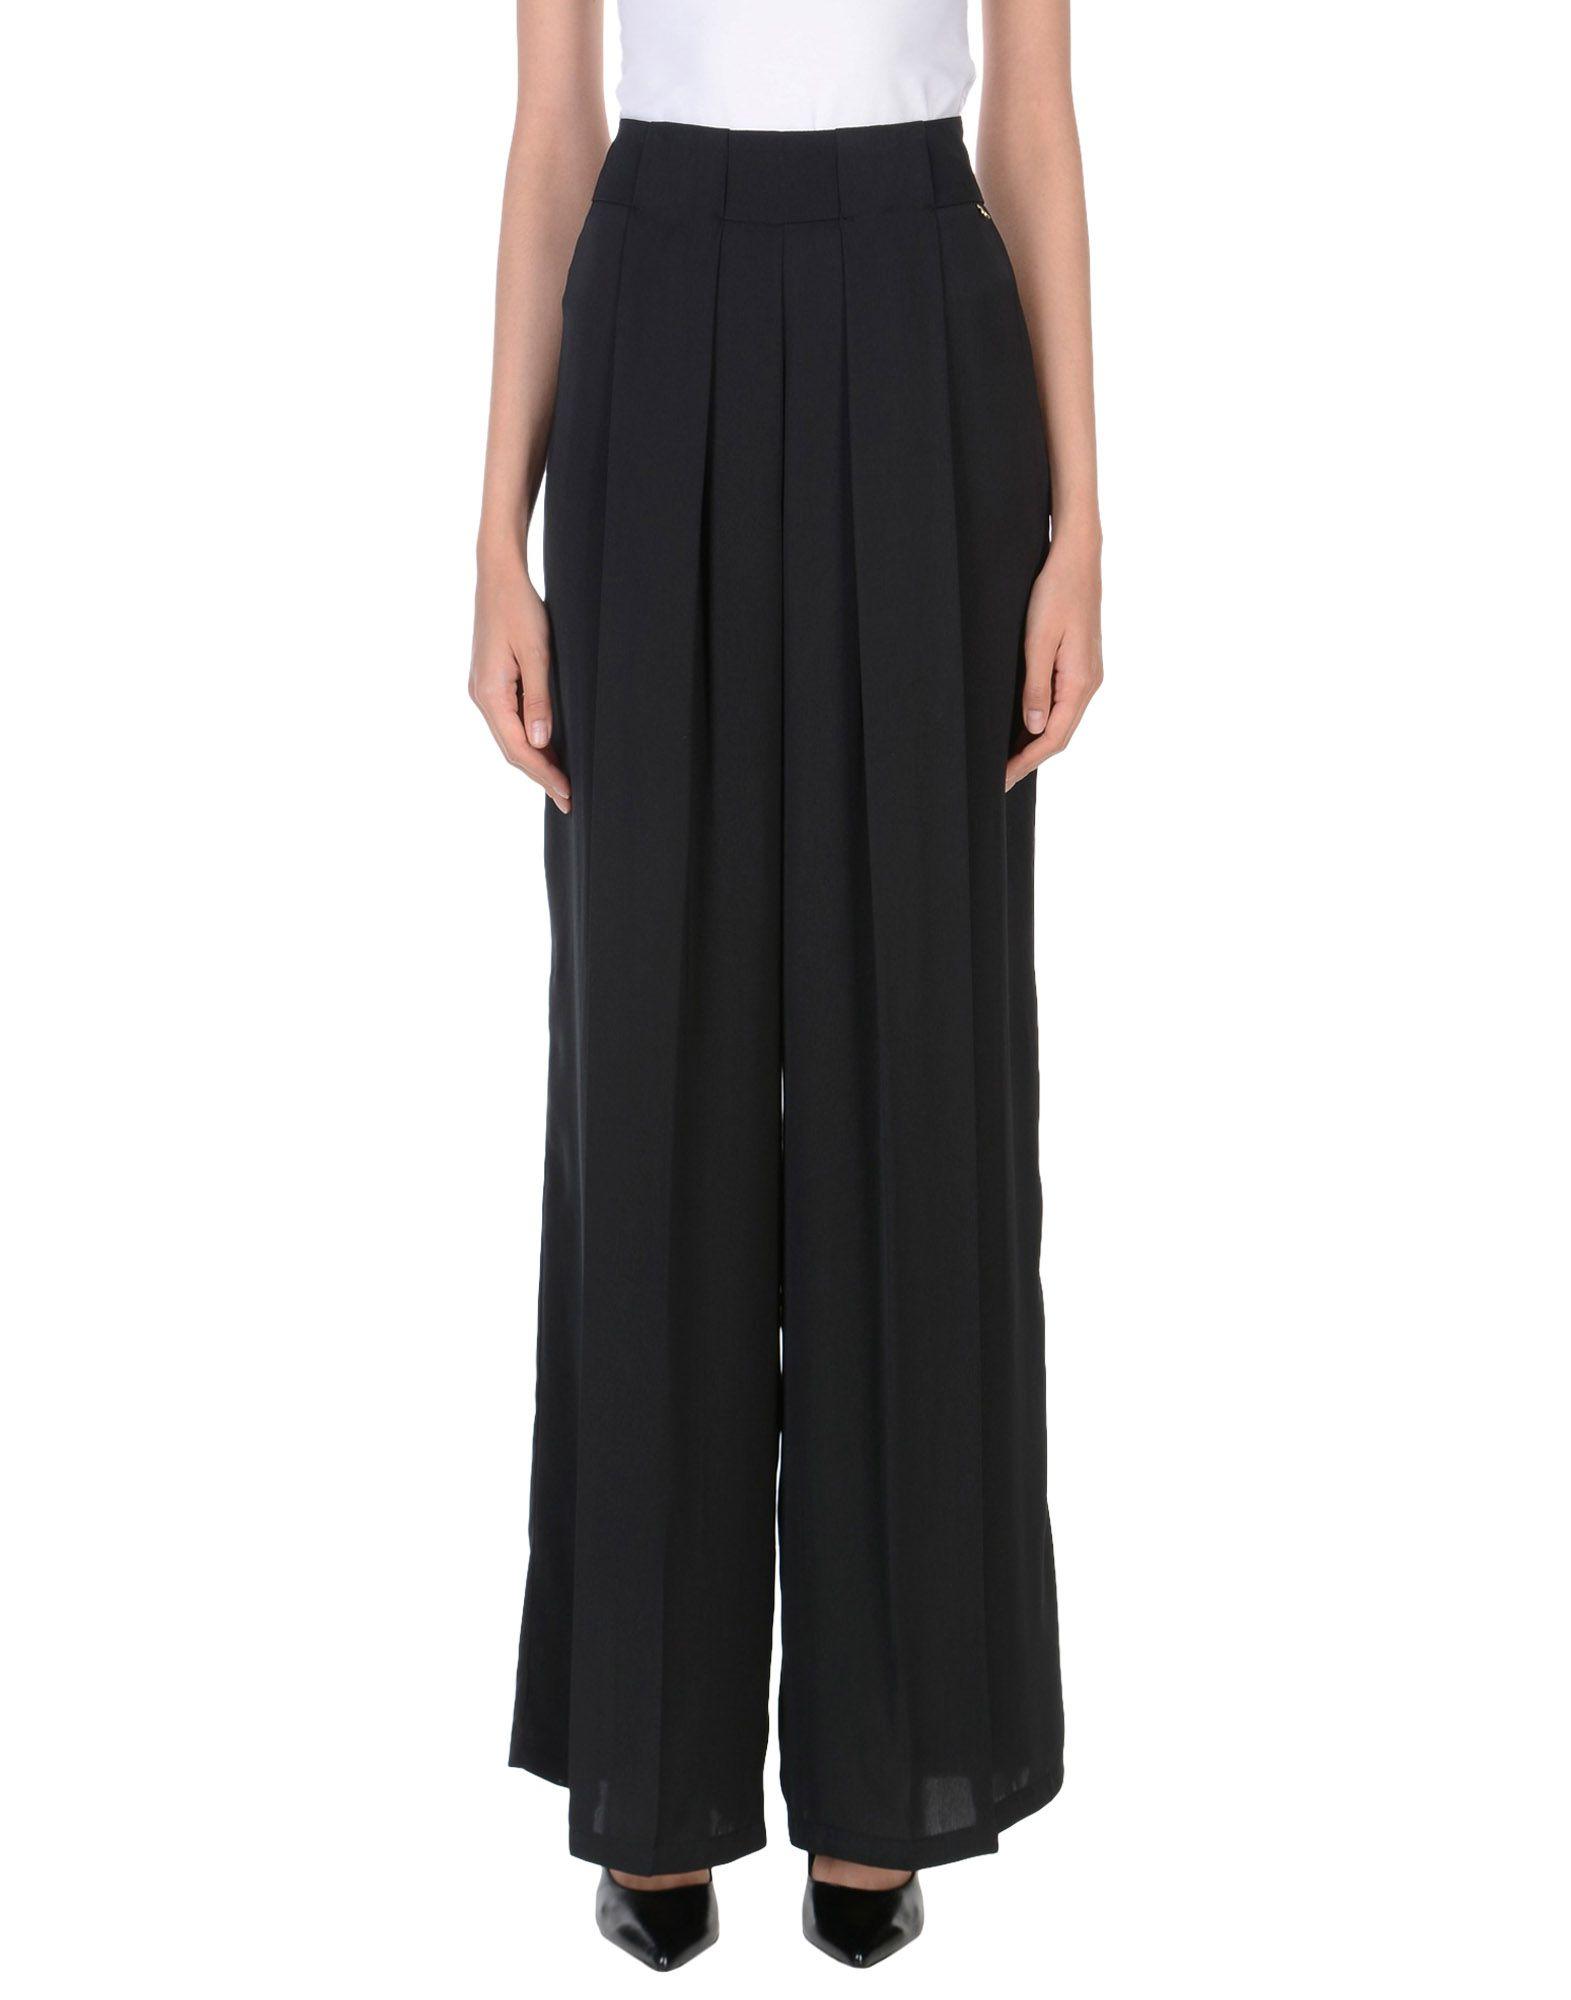 Pantalone Annarita N. Donna - Acquista online su dJpJ4GJA6R